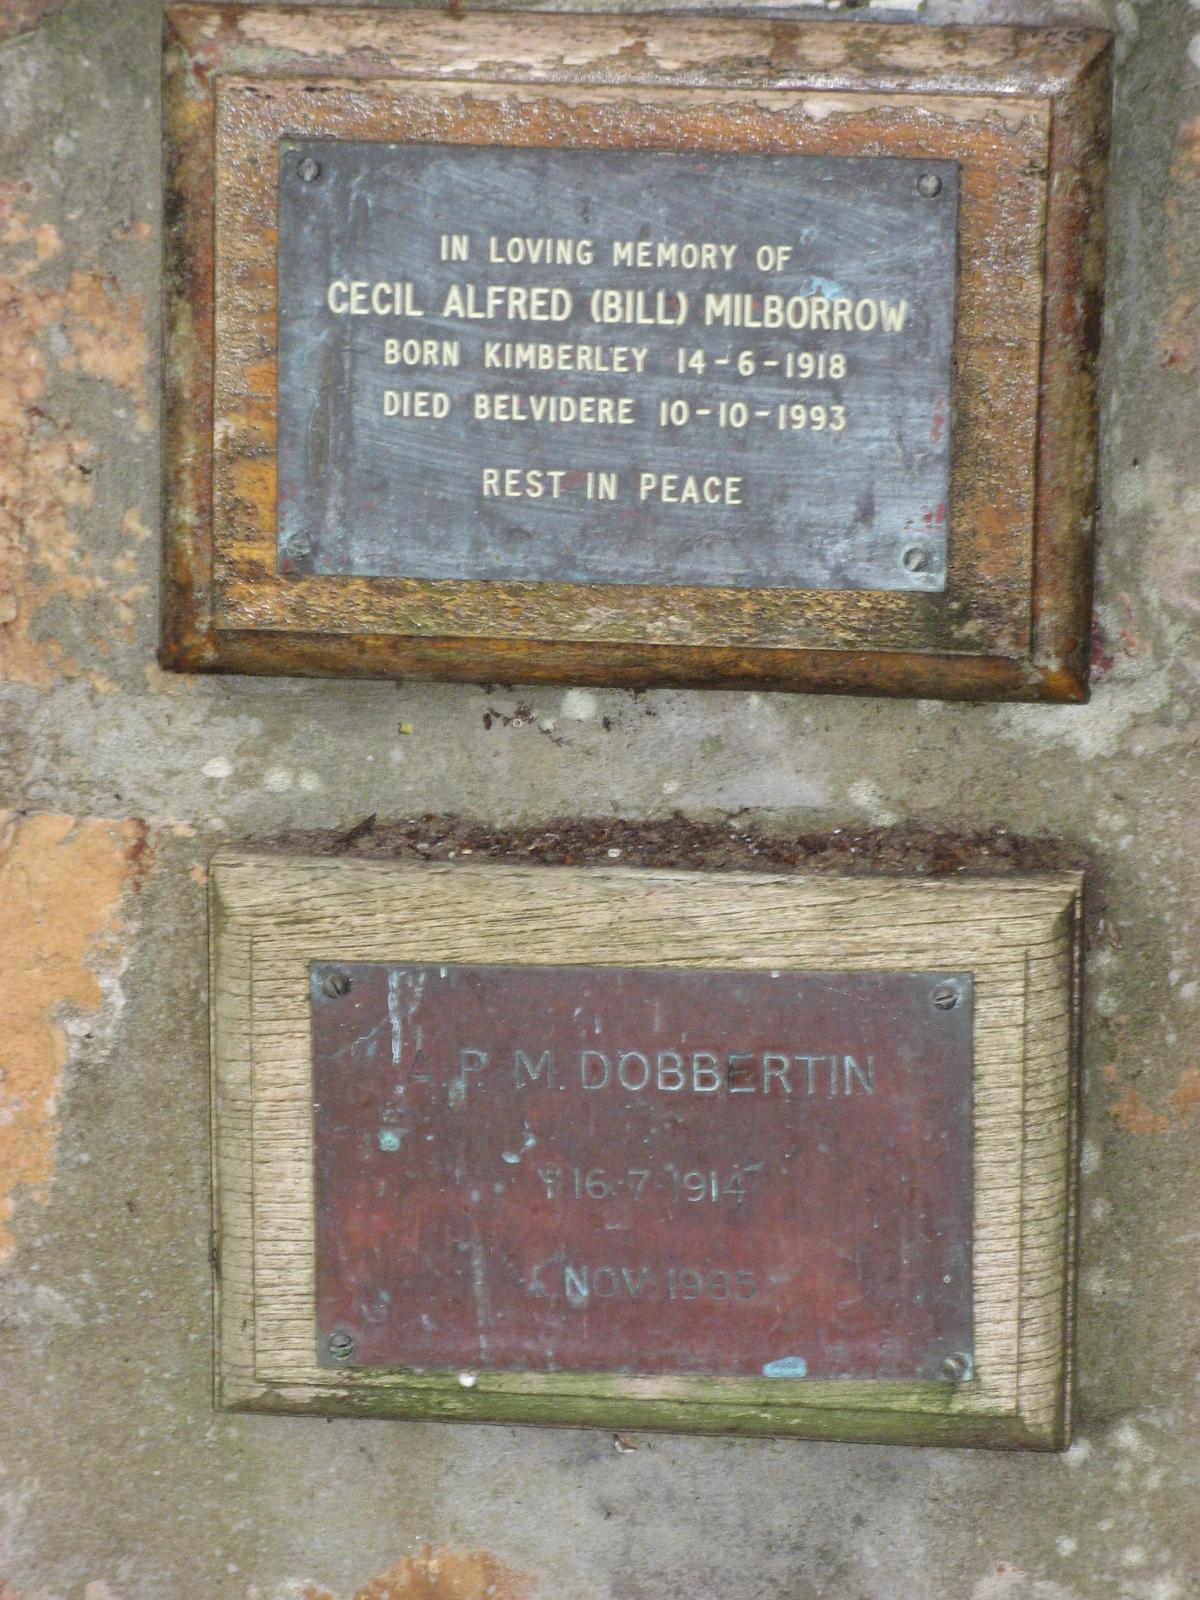 Millborrow, Cecil Alfred (Bill) + Dobbertin, A. P. M.